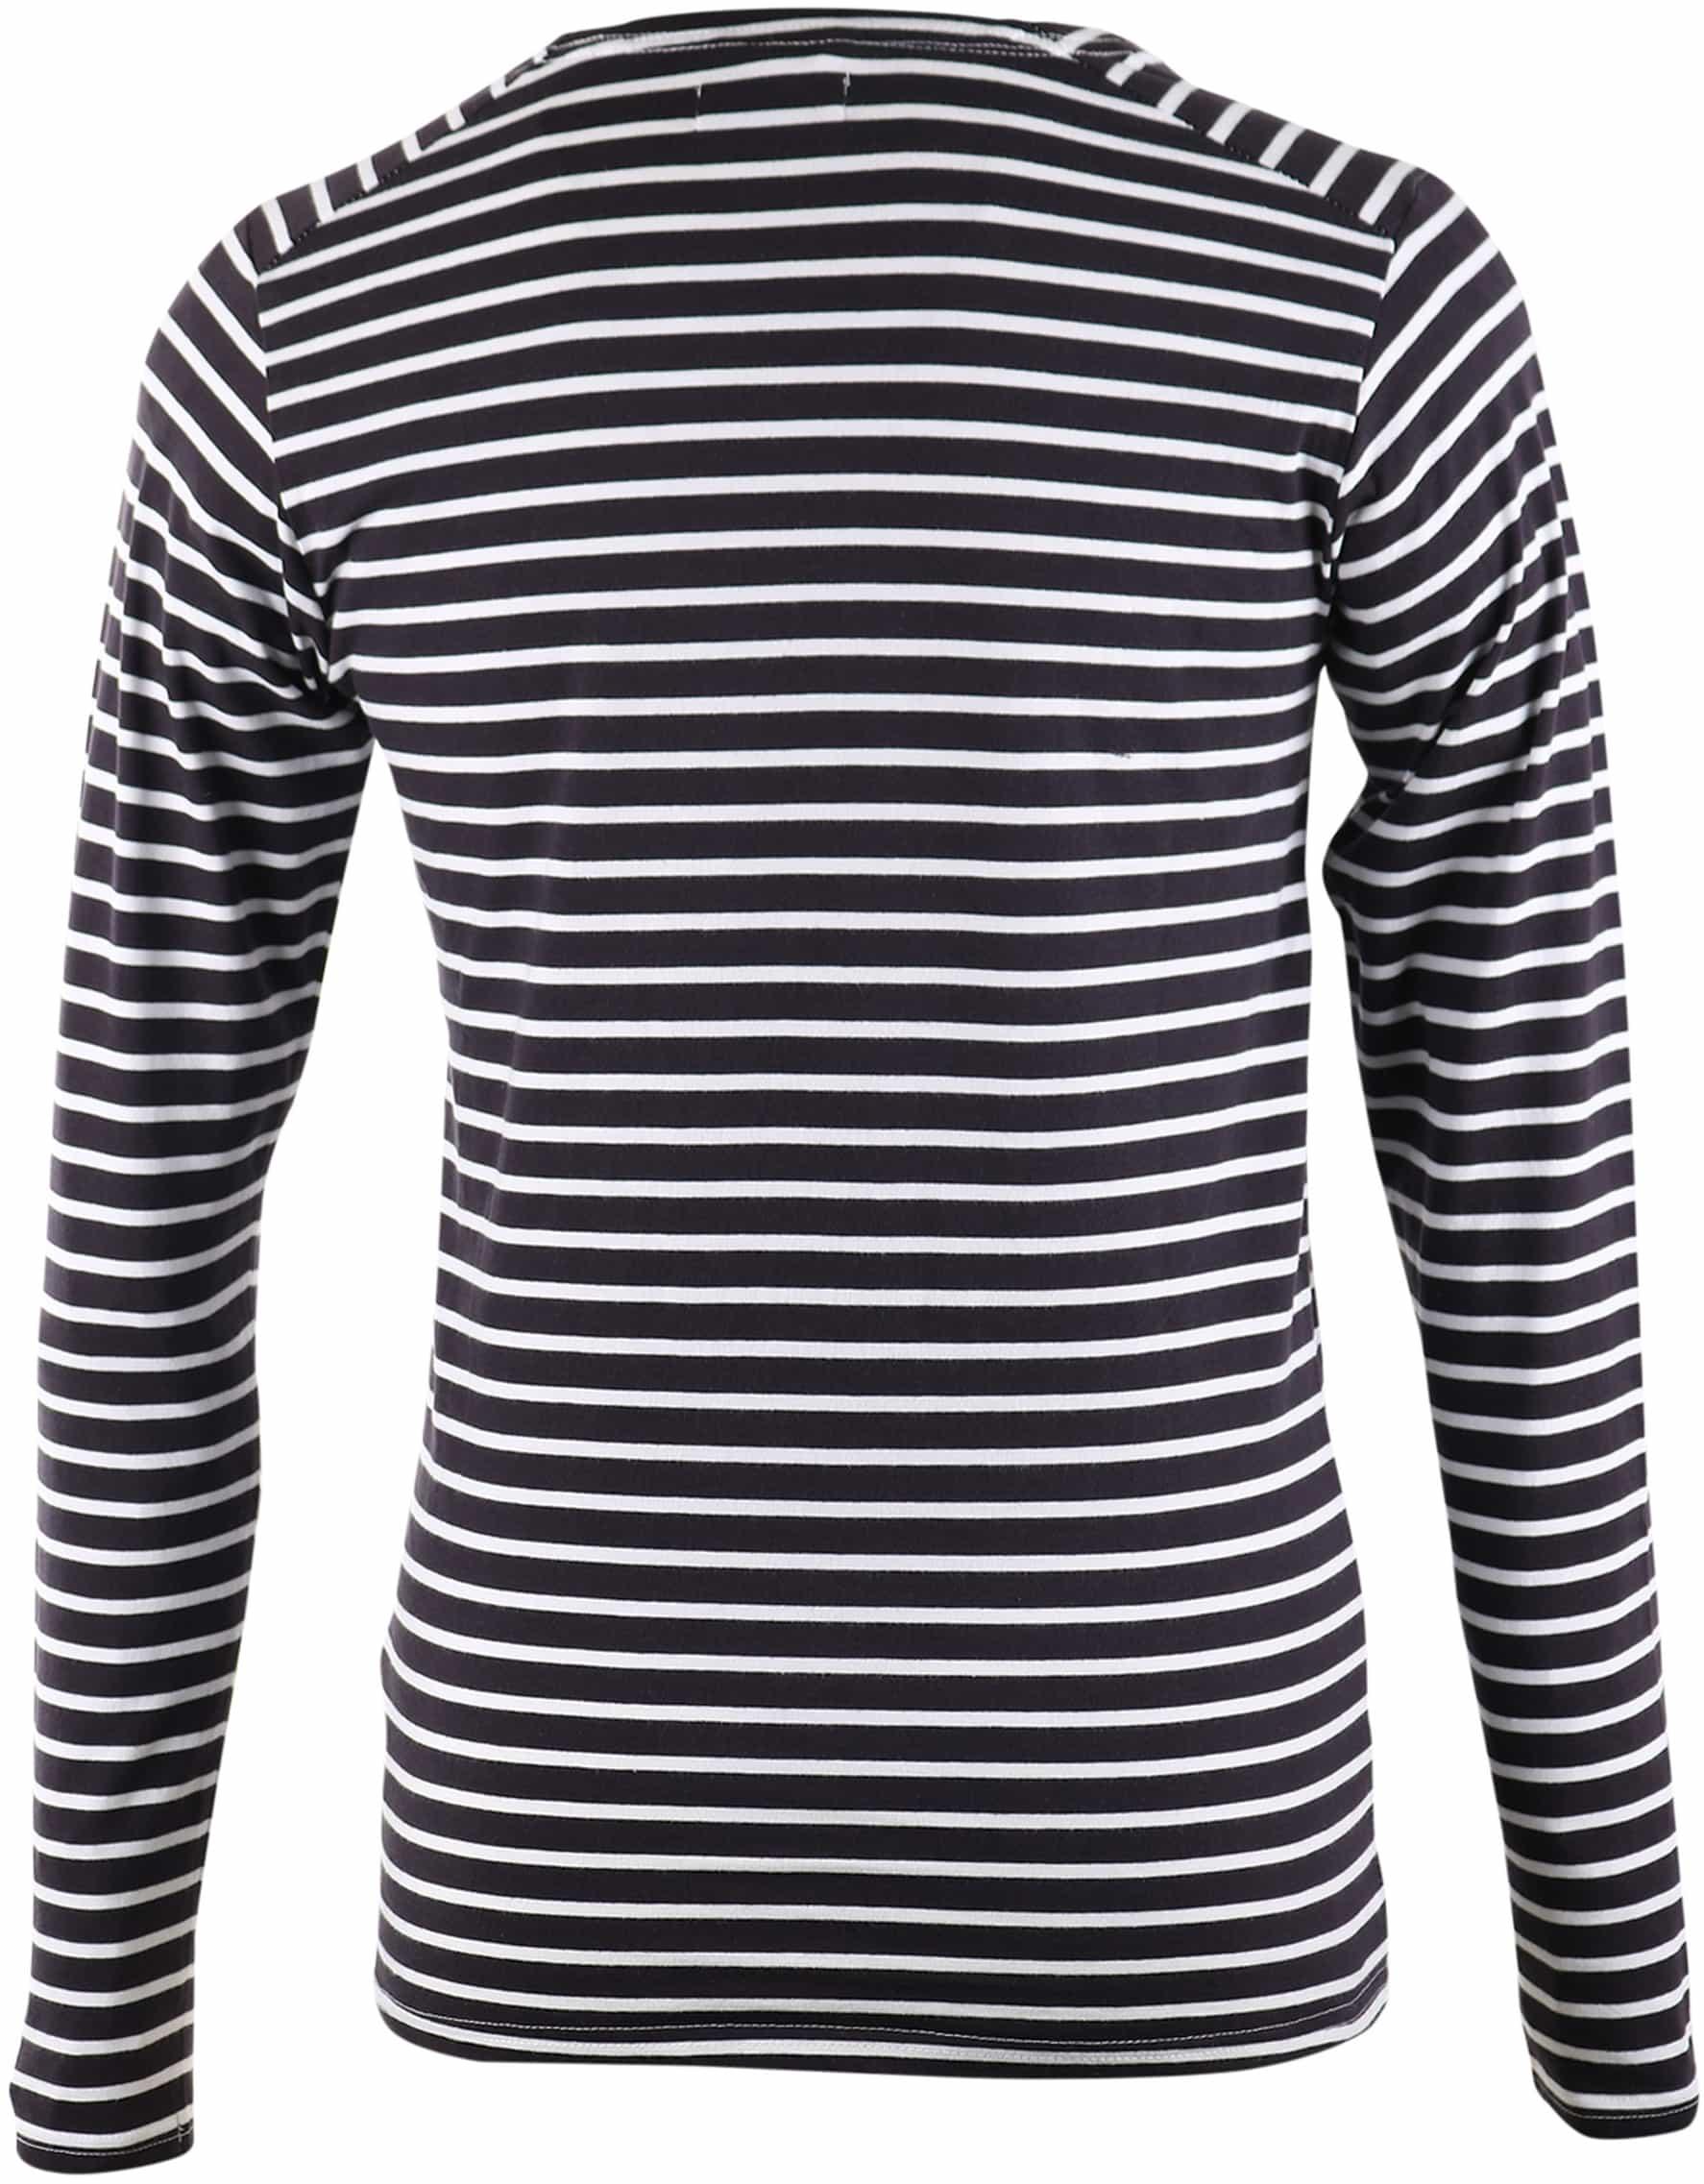 Dstrezzed Longsleeve T-shirt Navy Stripes foto 1